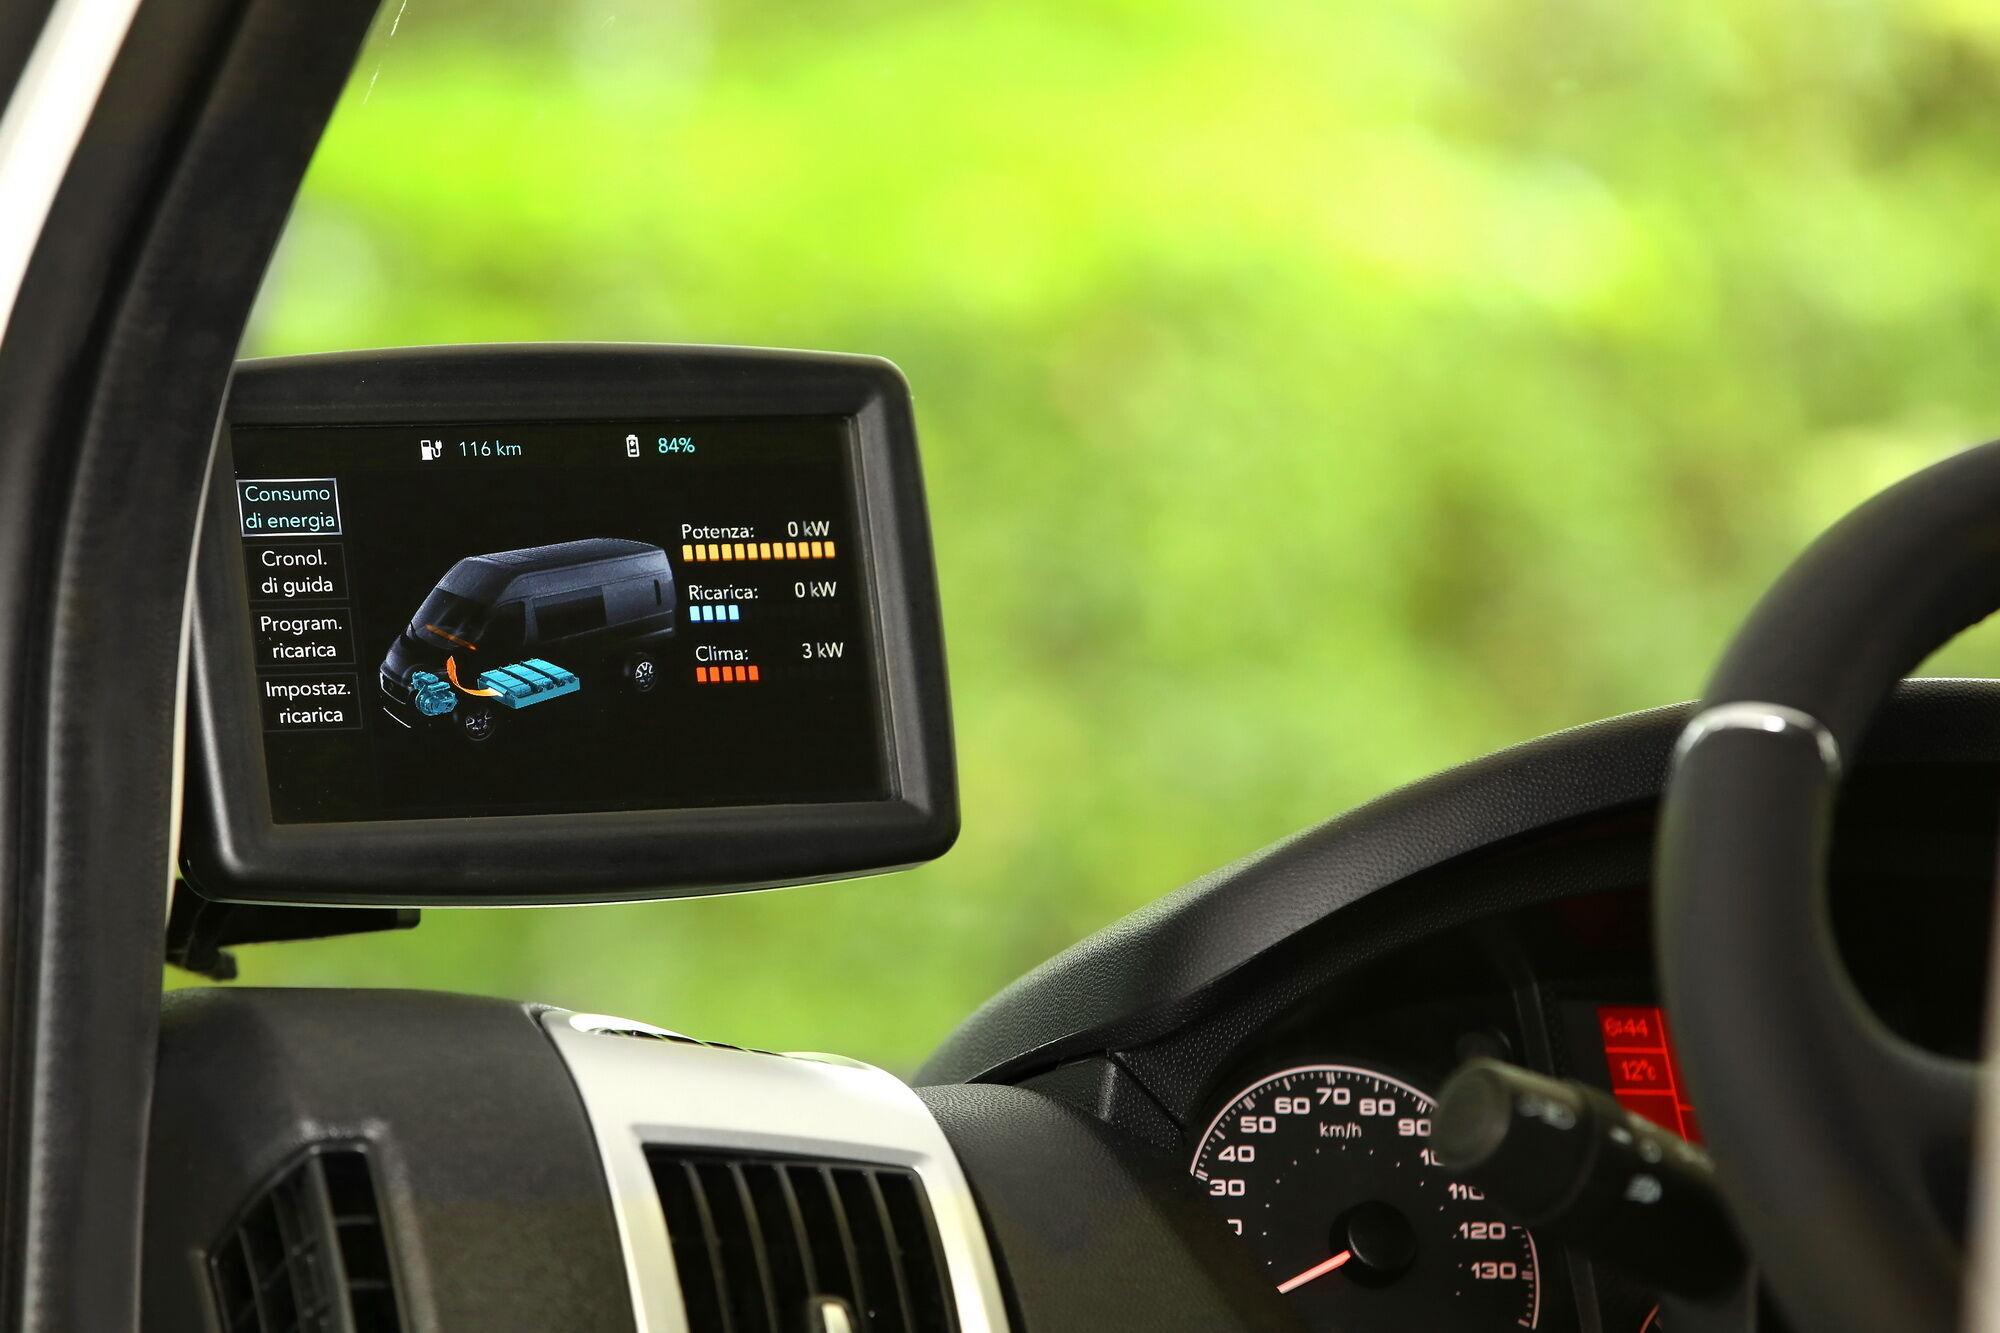 Информация о запасе батареи, остаточном пробеге и прочие данные выводятся на специальный дисплей